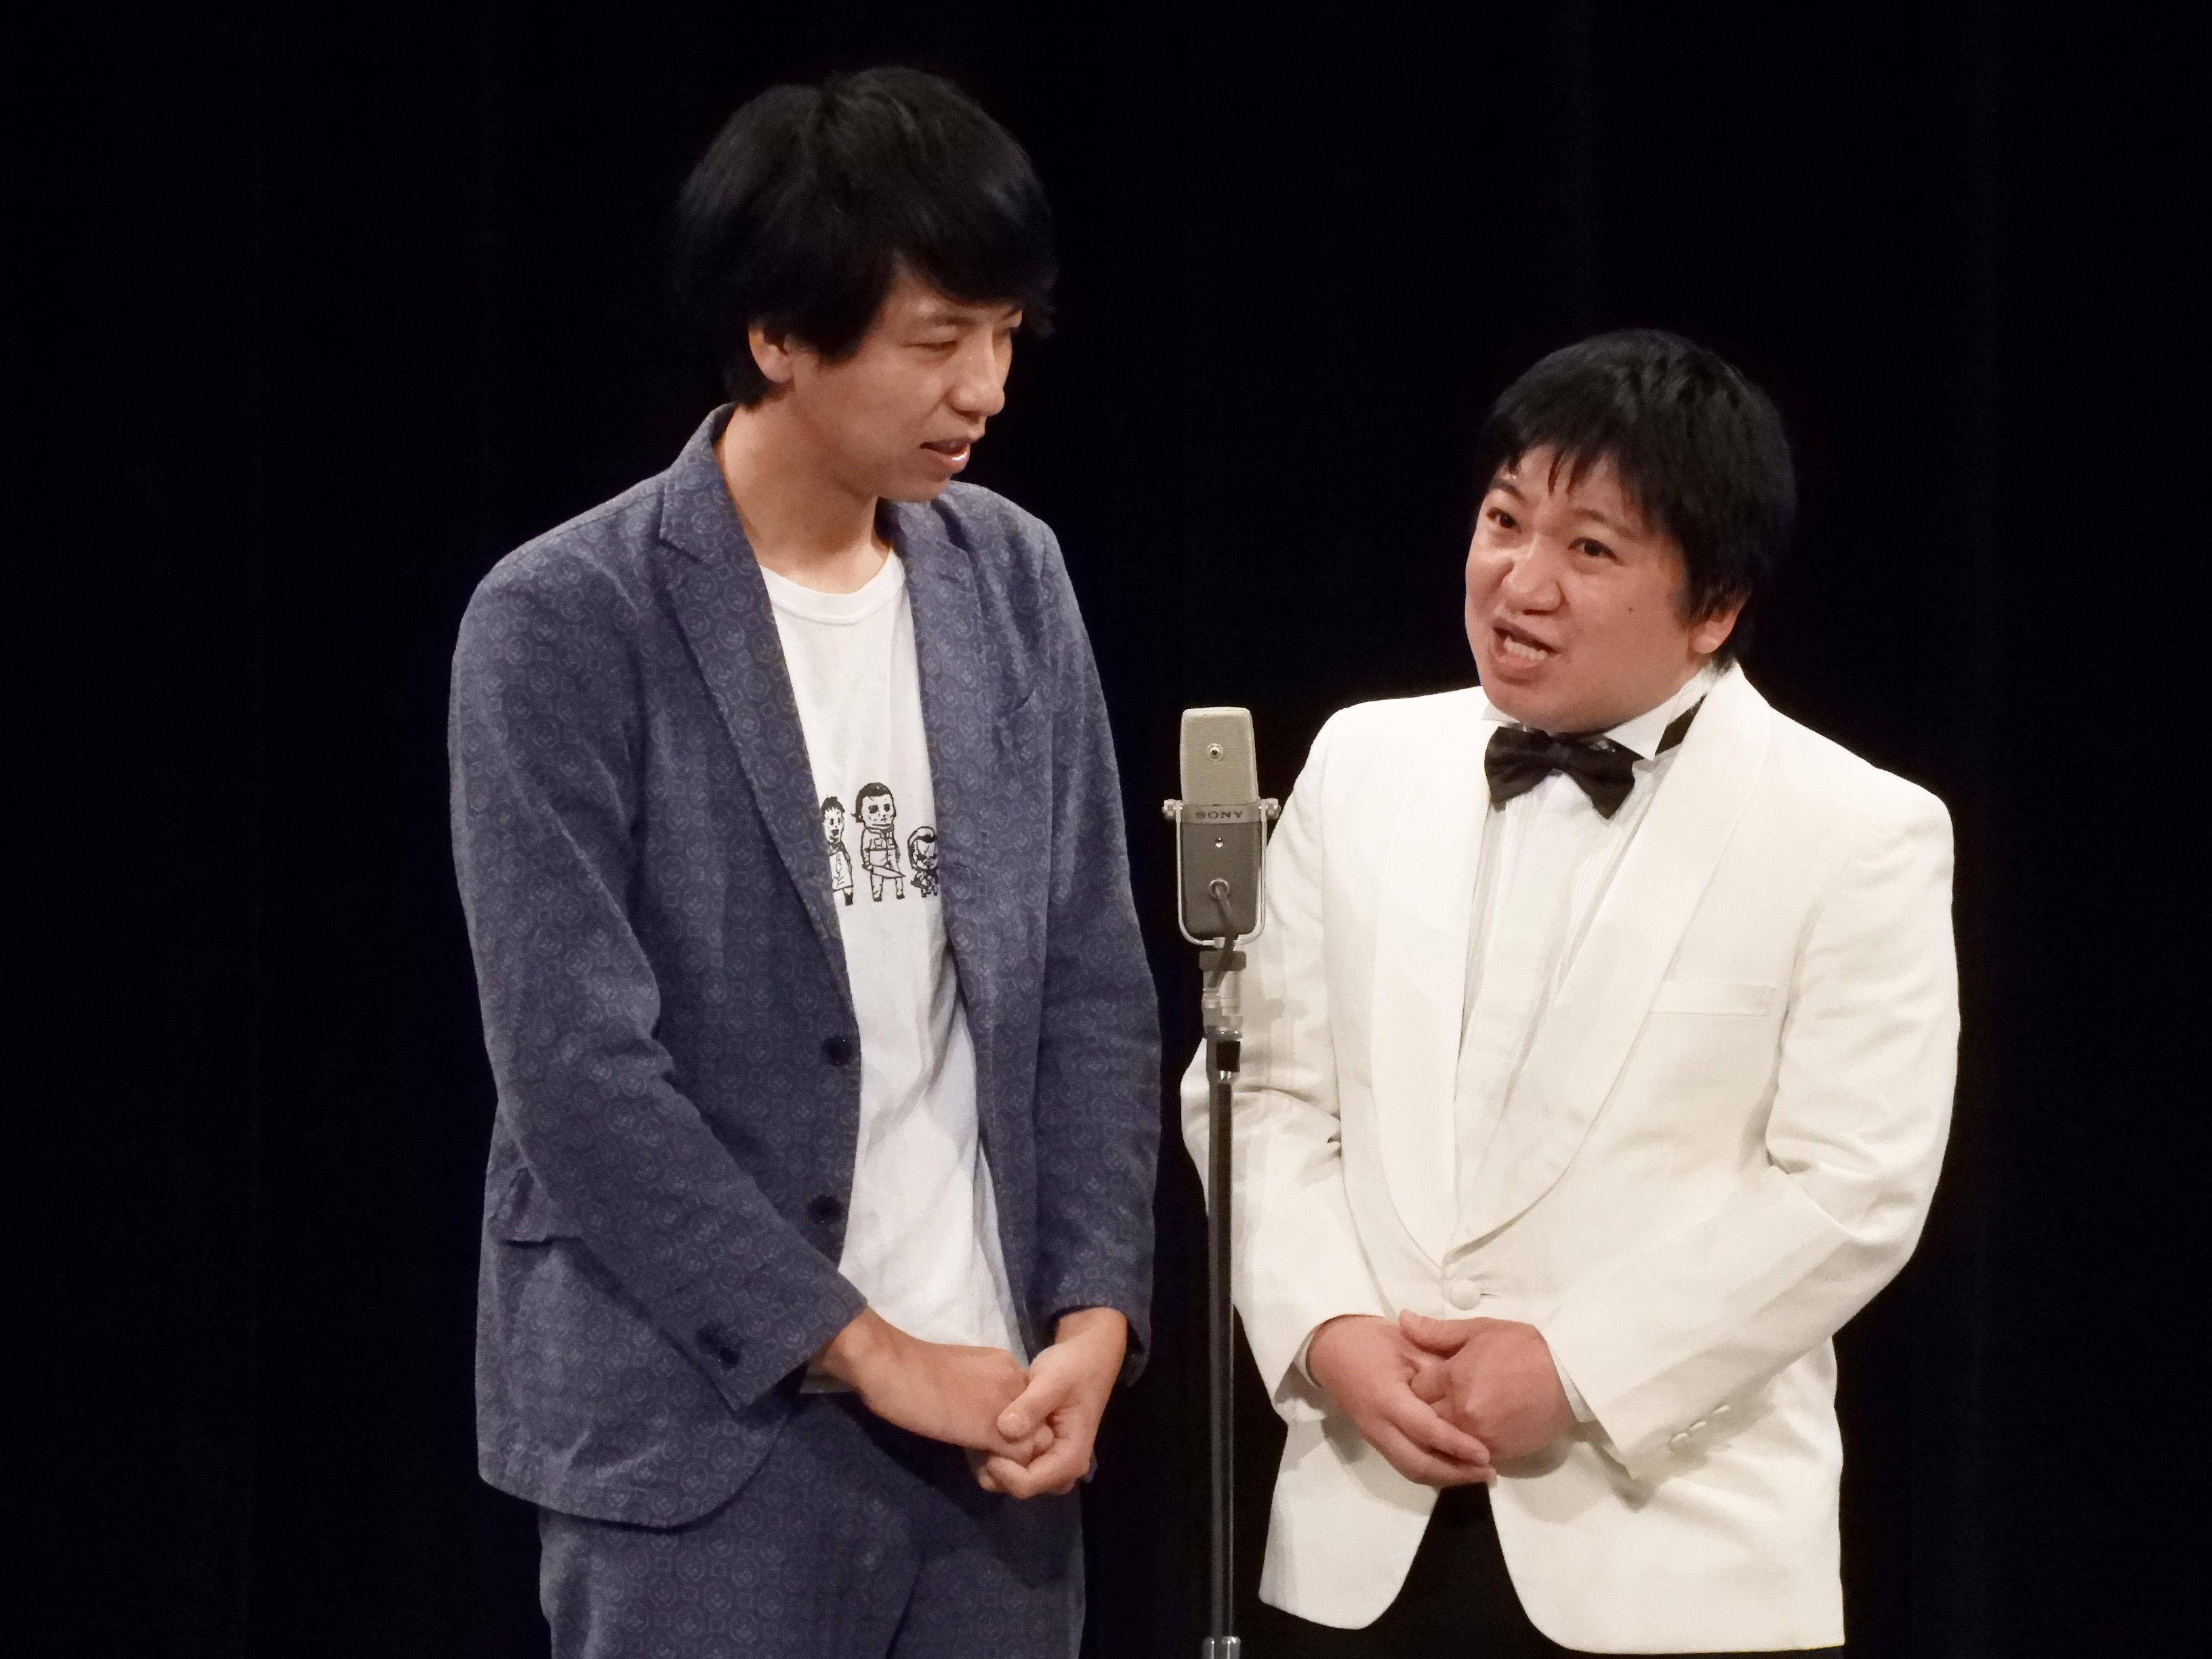 http://news.yoshimoto.co.jp/20180926120245-c58d428c4d7ca683563a9ec25d9d31f3f95d1817.jpg